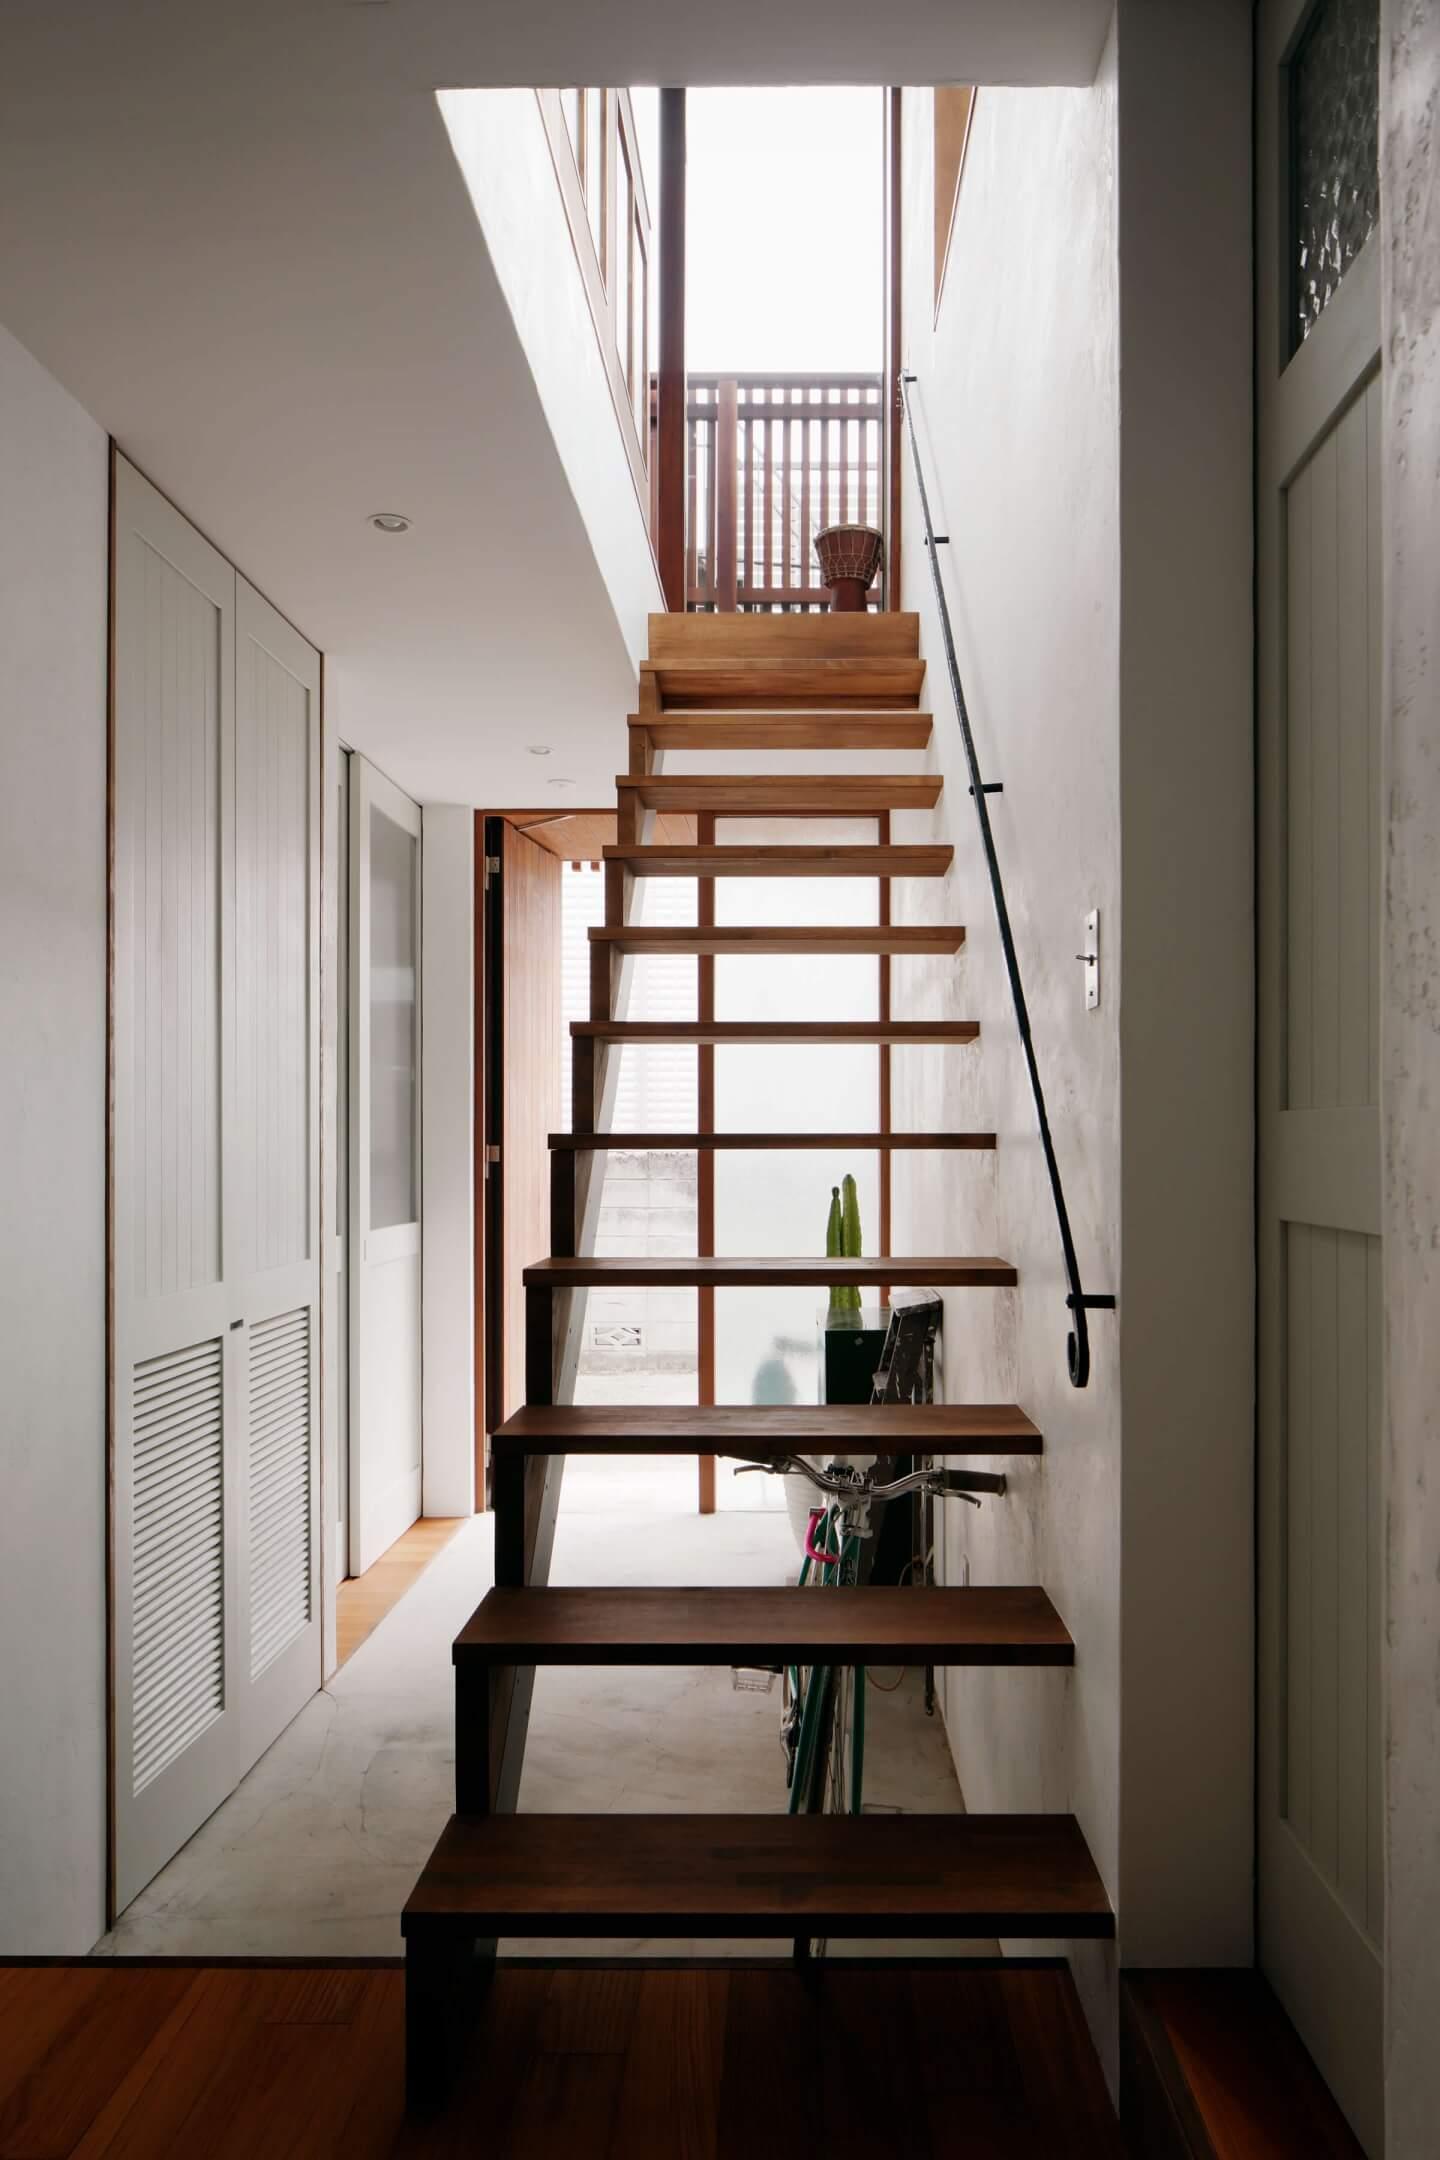 吉祥寺の住宅の階段